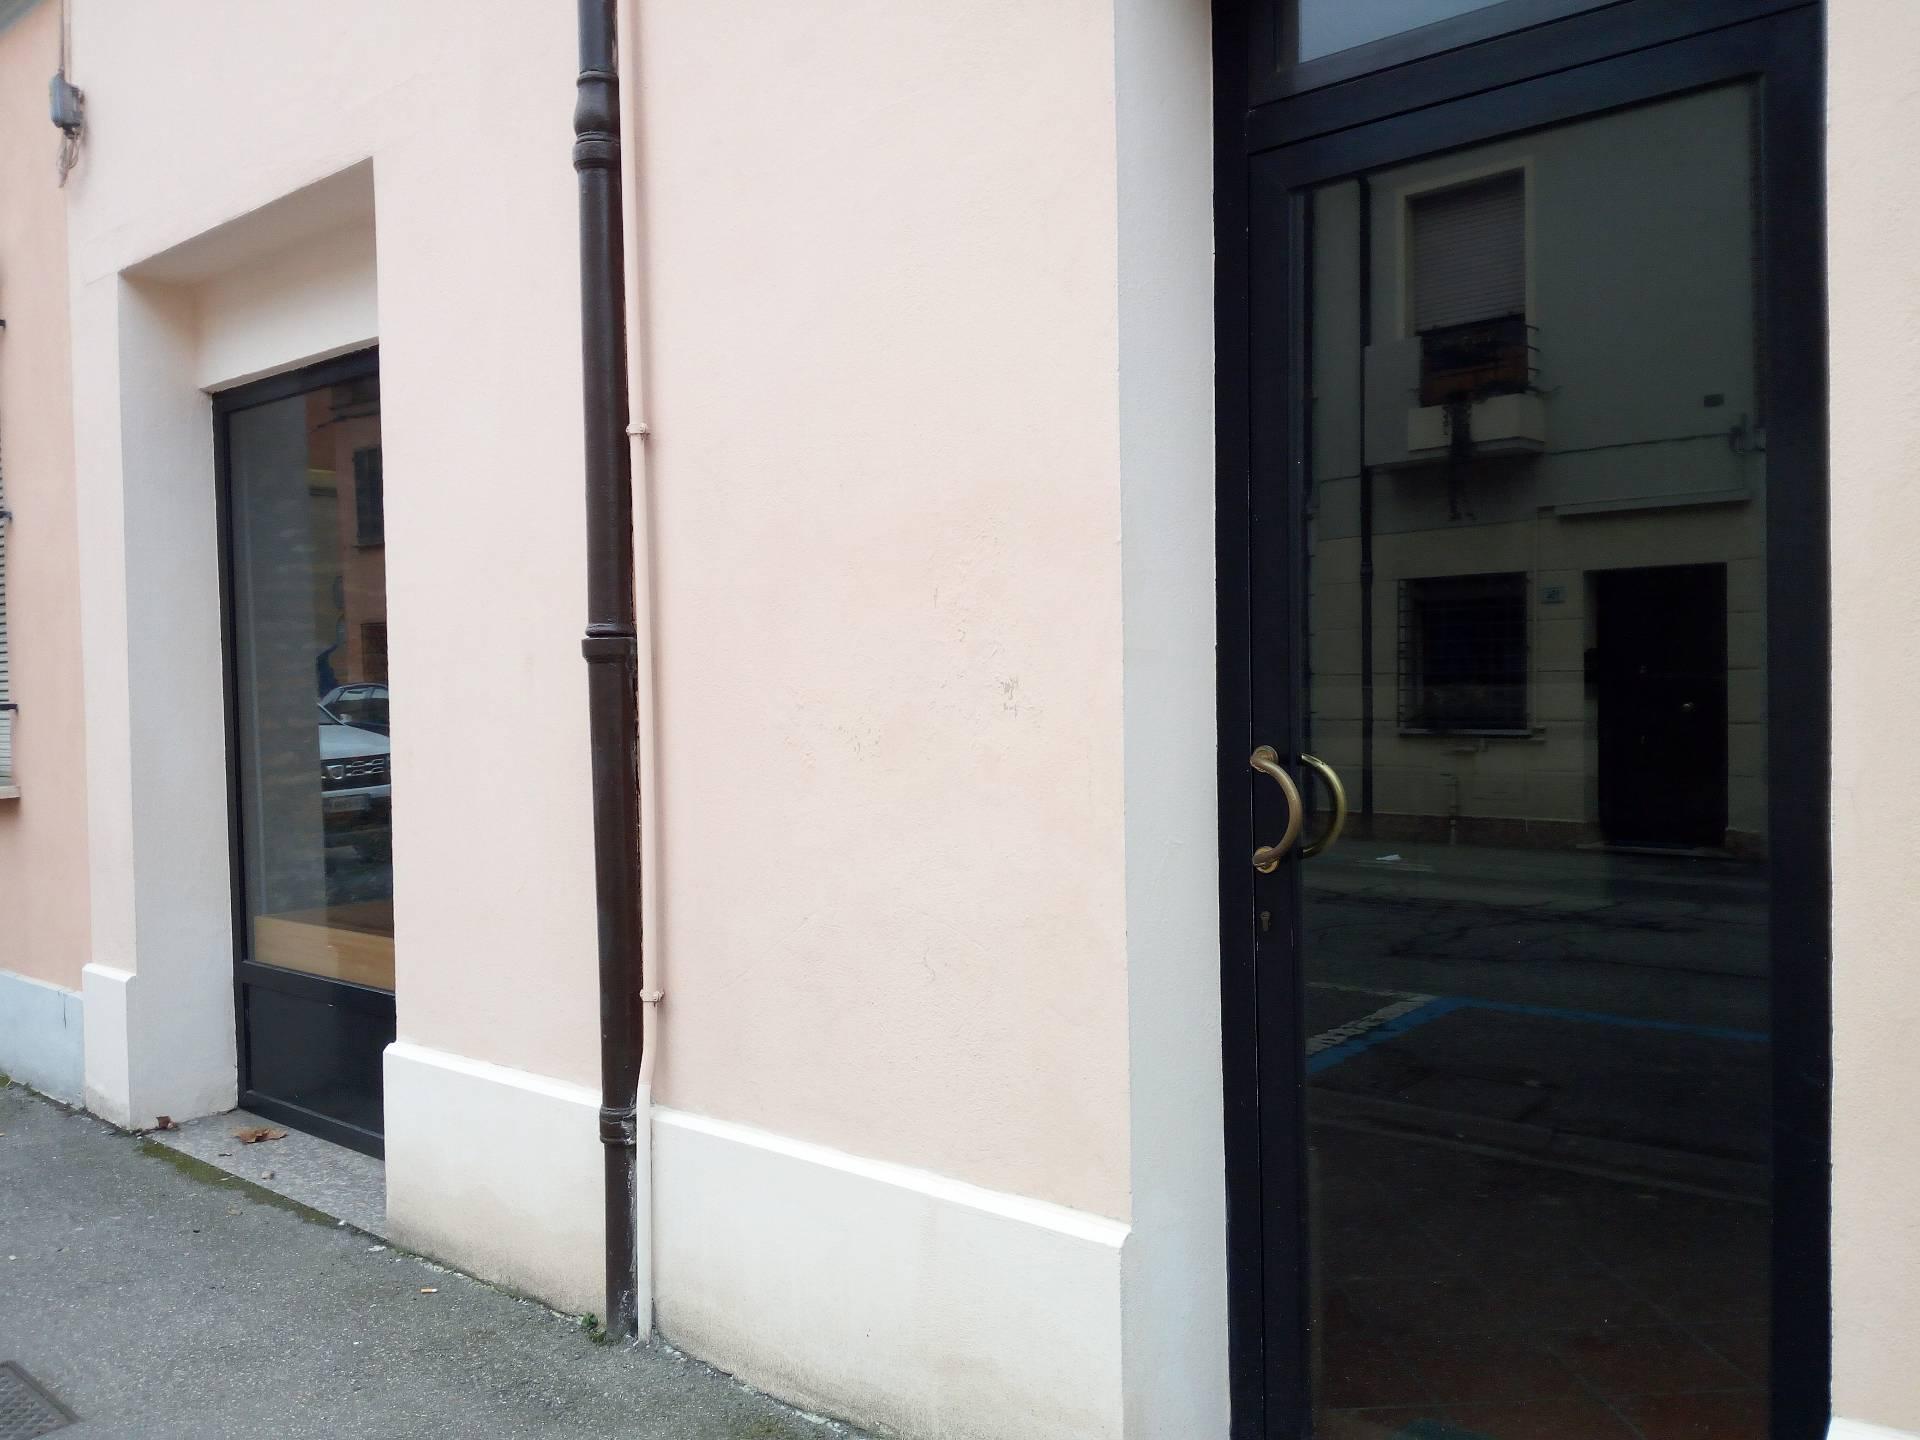 Negozio / Locale in affitto a Lugo, 9999 locali, zona Località: centro, prezzo € 400 | Cambio Casa.it